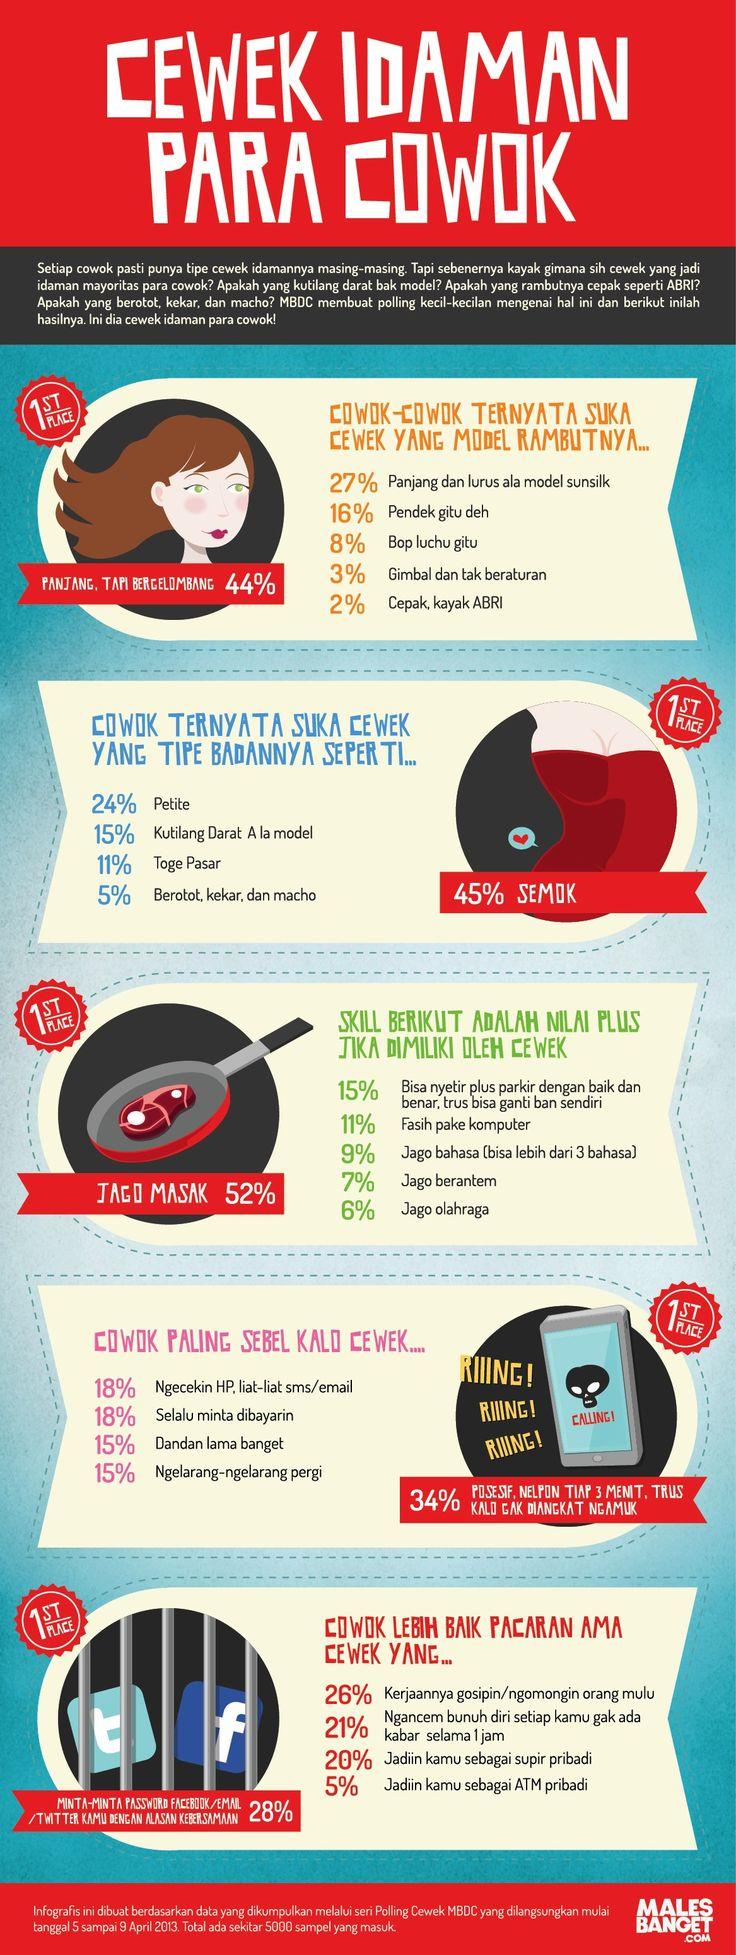 Infographic Cewek Idaman Para Cowok wkwk :))